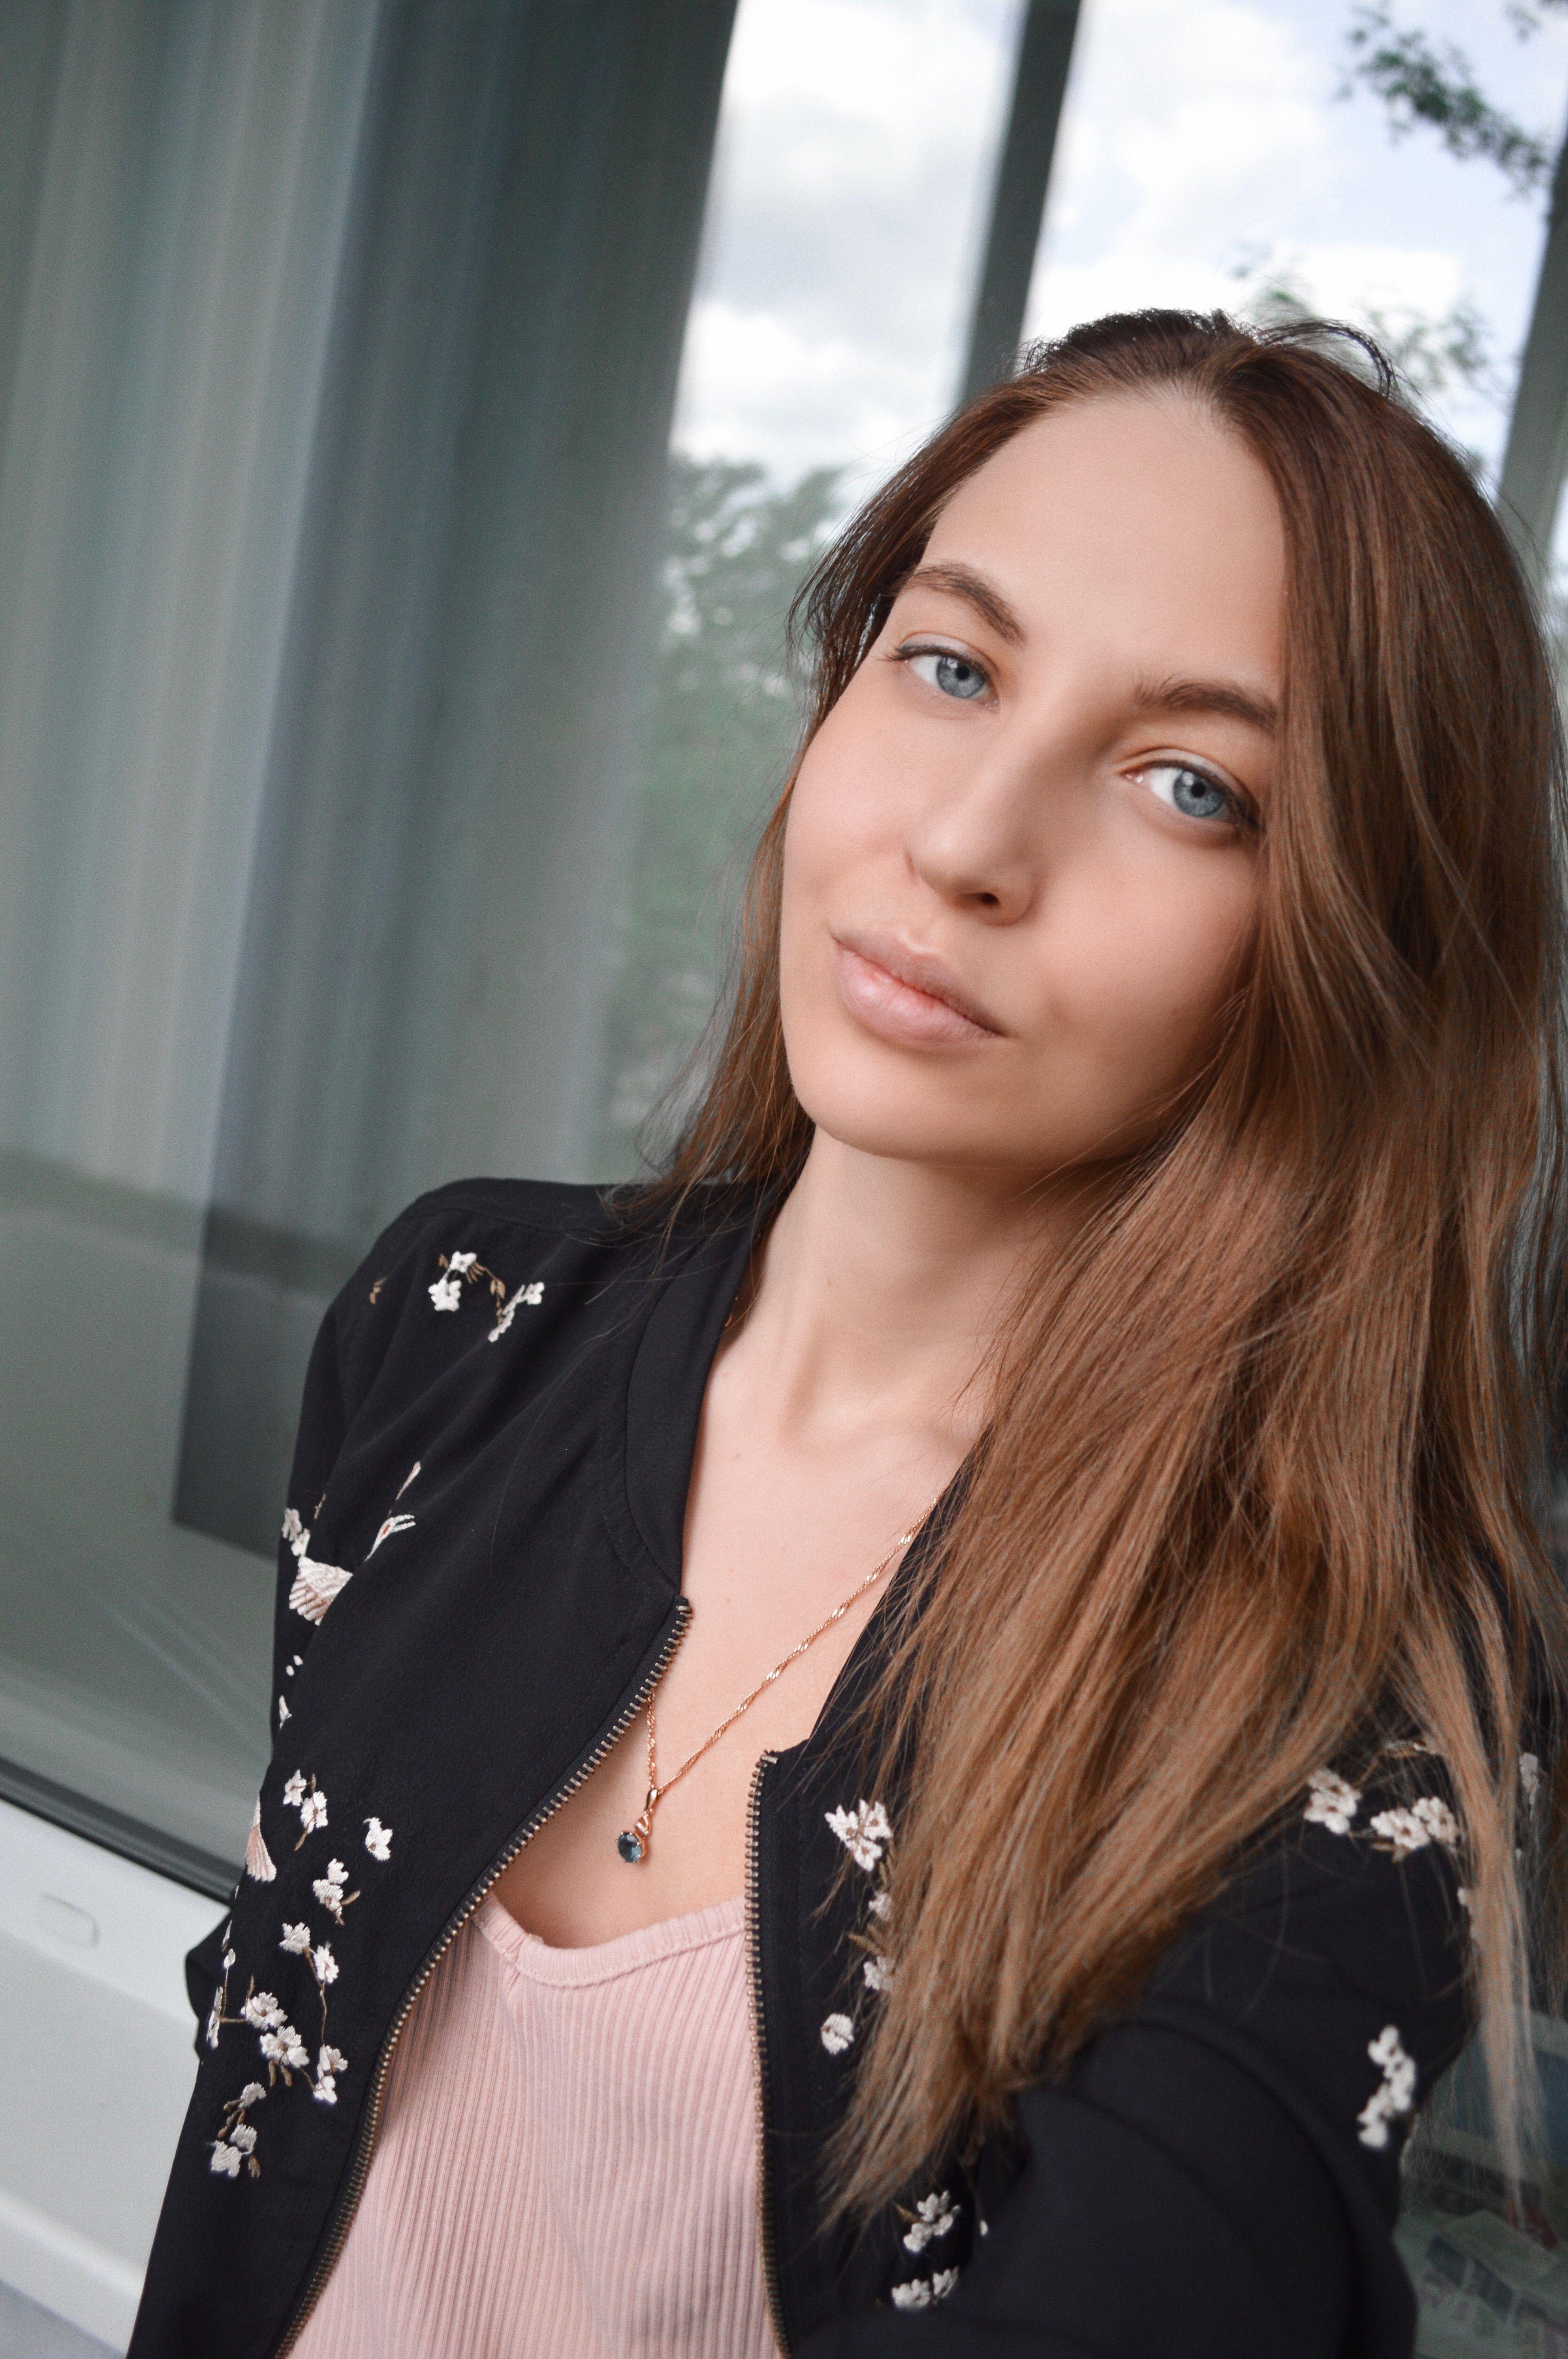 Фото видео красивых девушек моделей, я ебу тори блэк